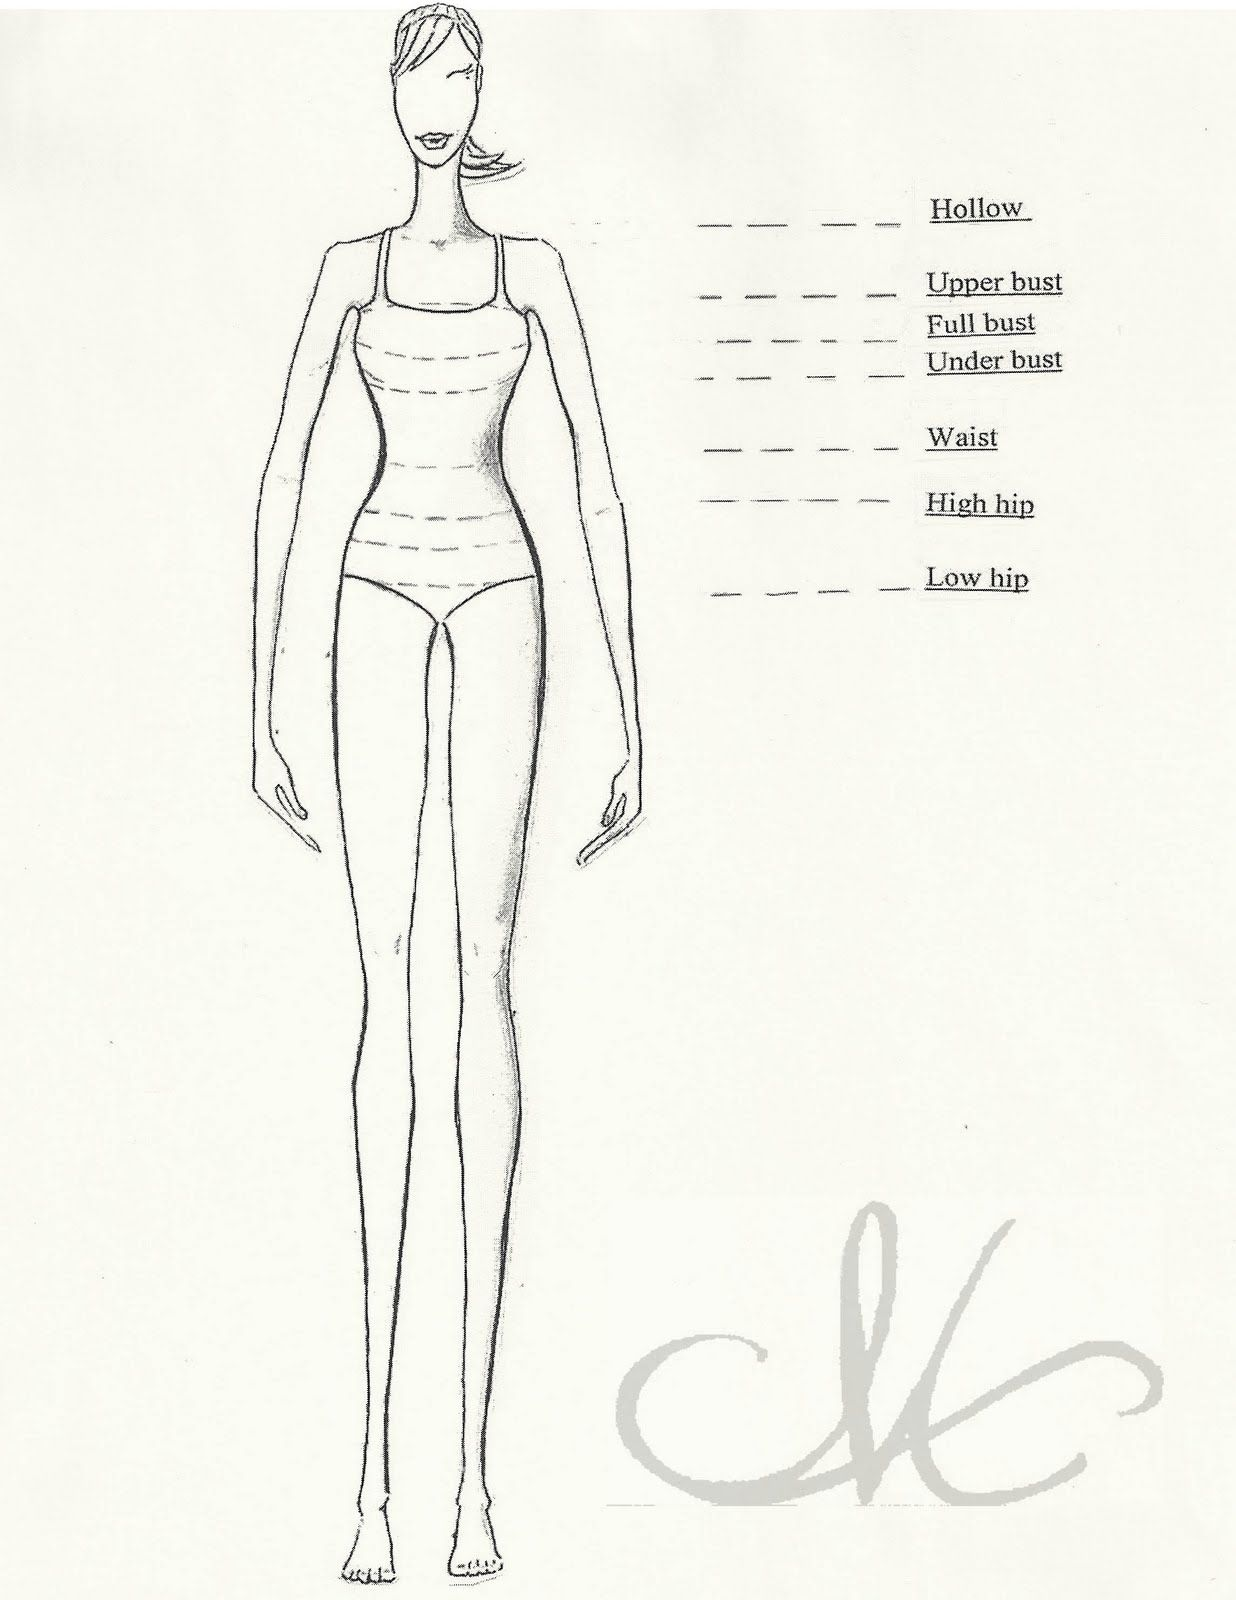 body shape diagrams body shape diagram [ 1236 x 1600 Pixel ]